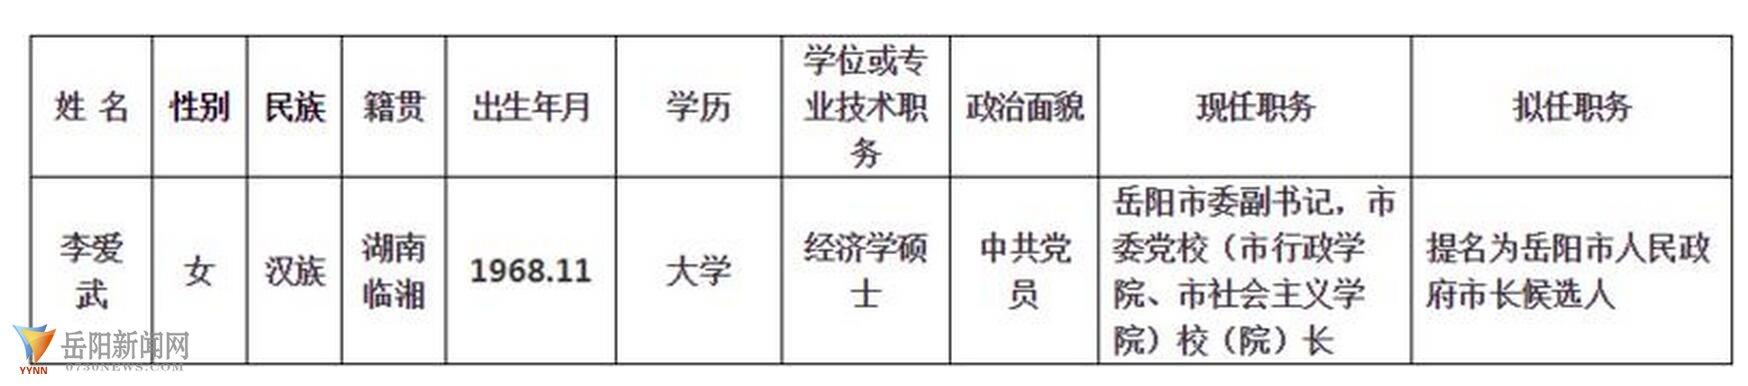 李爱武拟提名为岳阳市长候选人 新湖南www.hunanabc.com